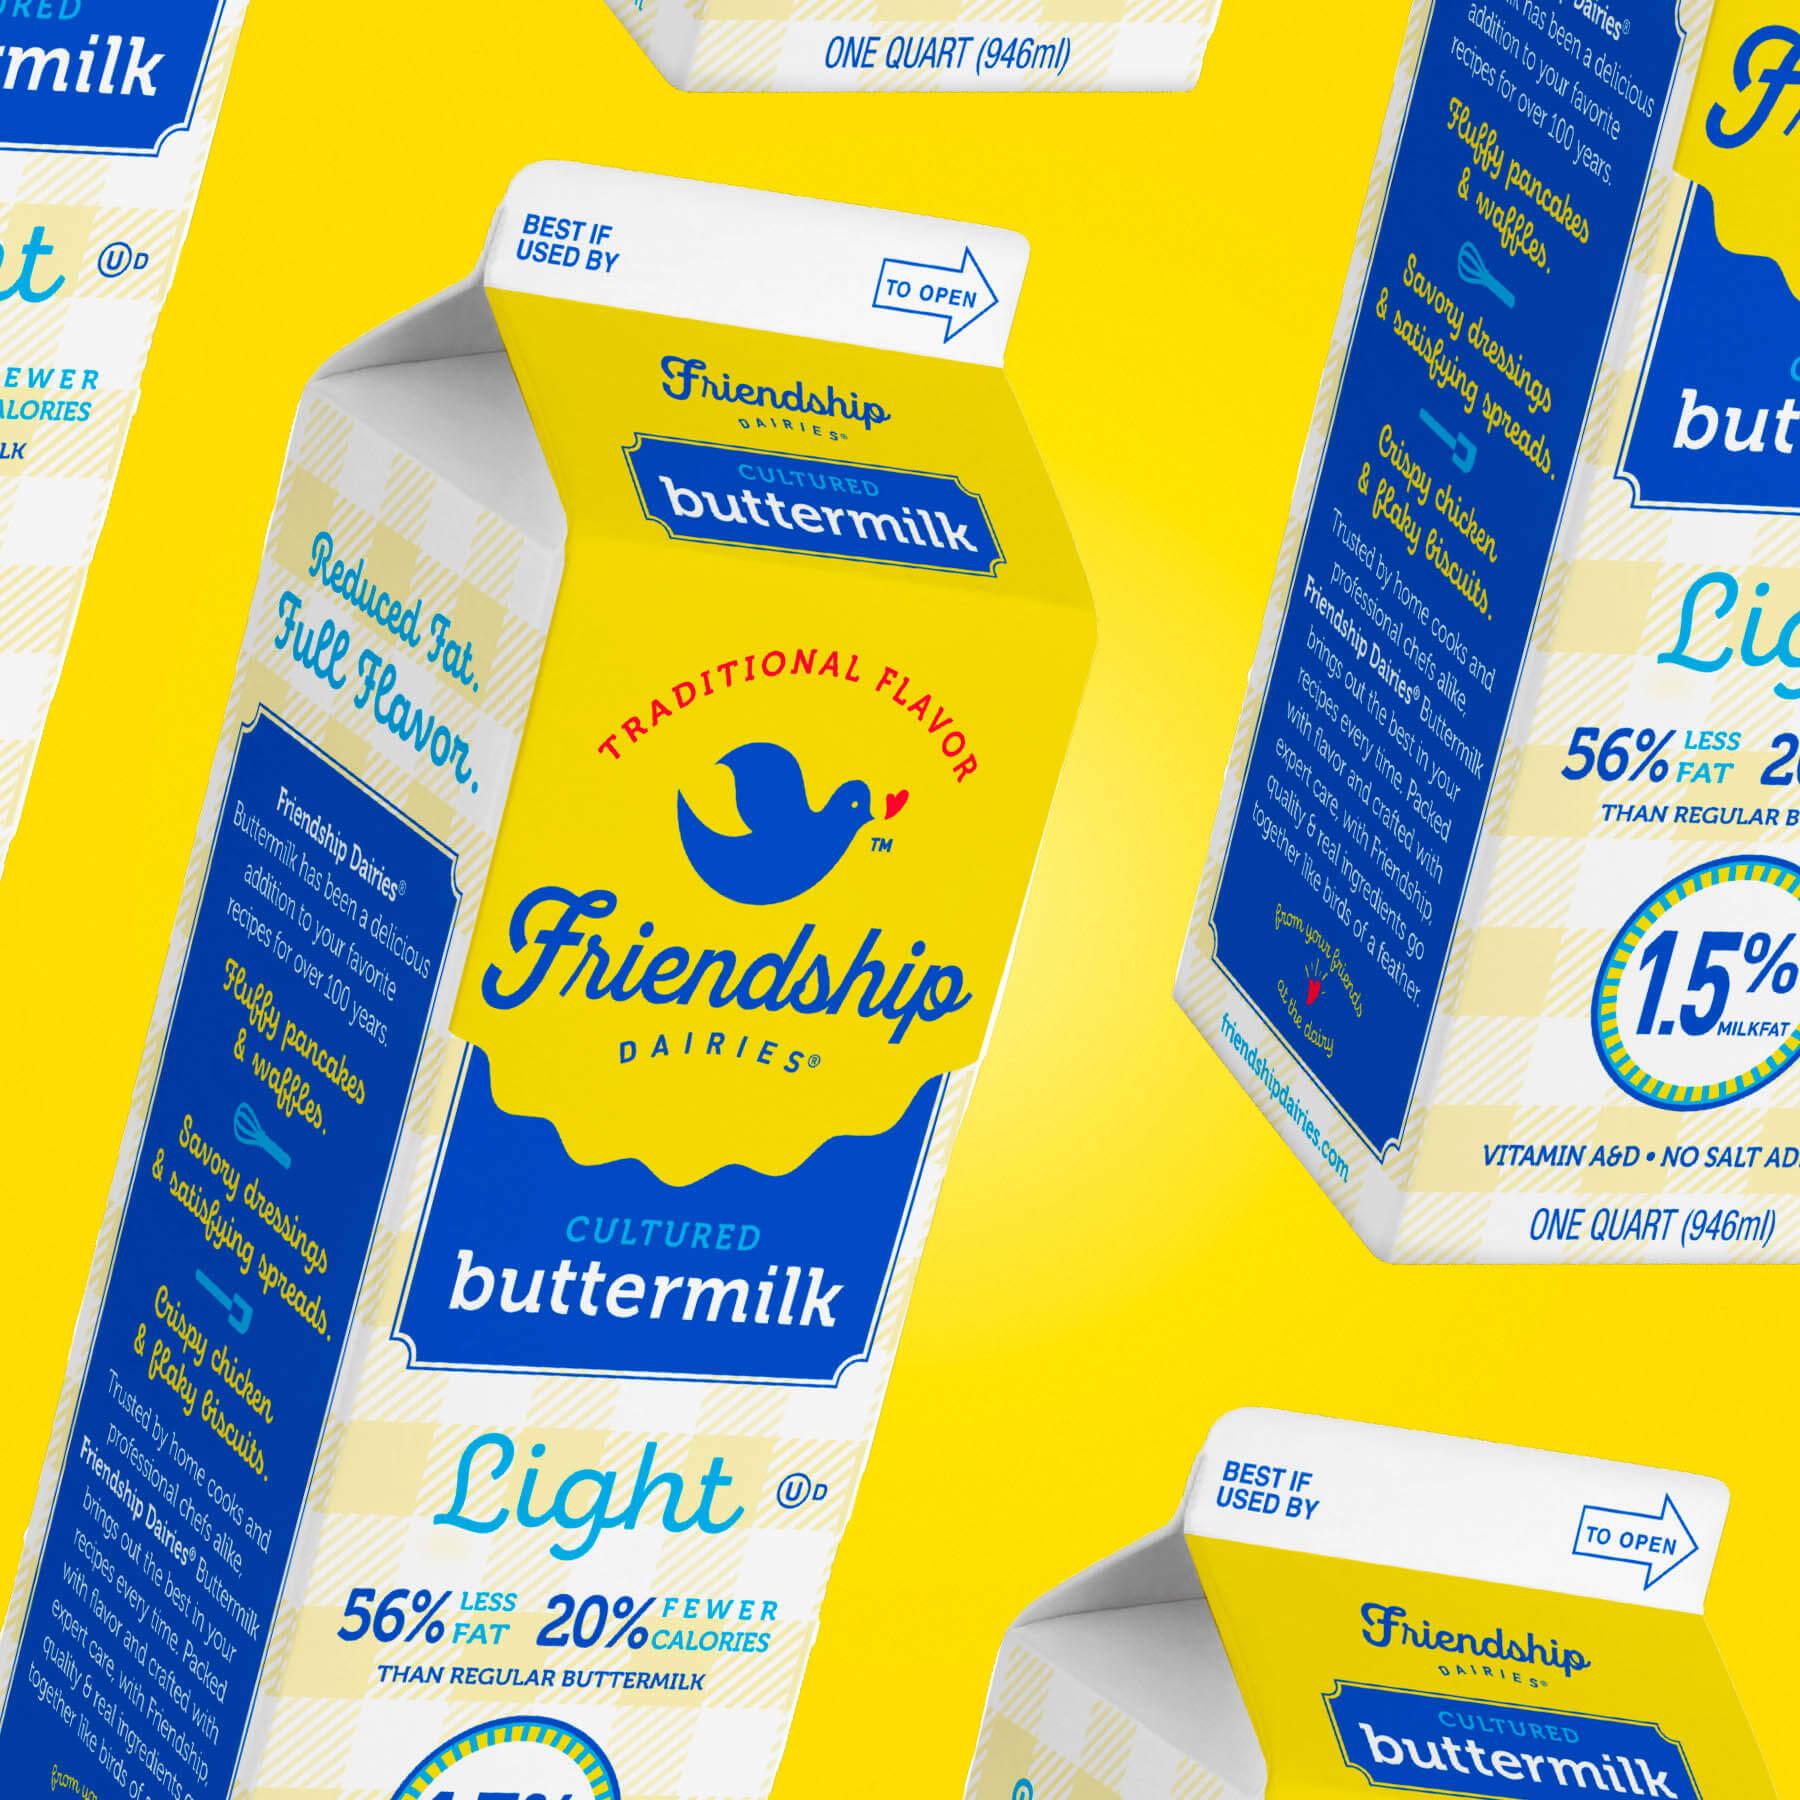 Friendship Dairies Buttermilk Package Design